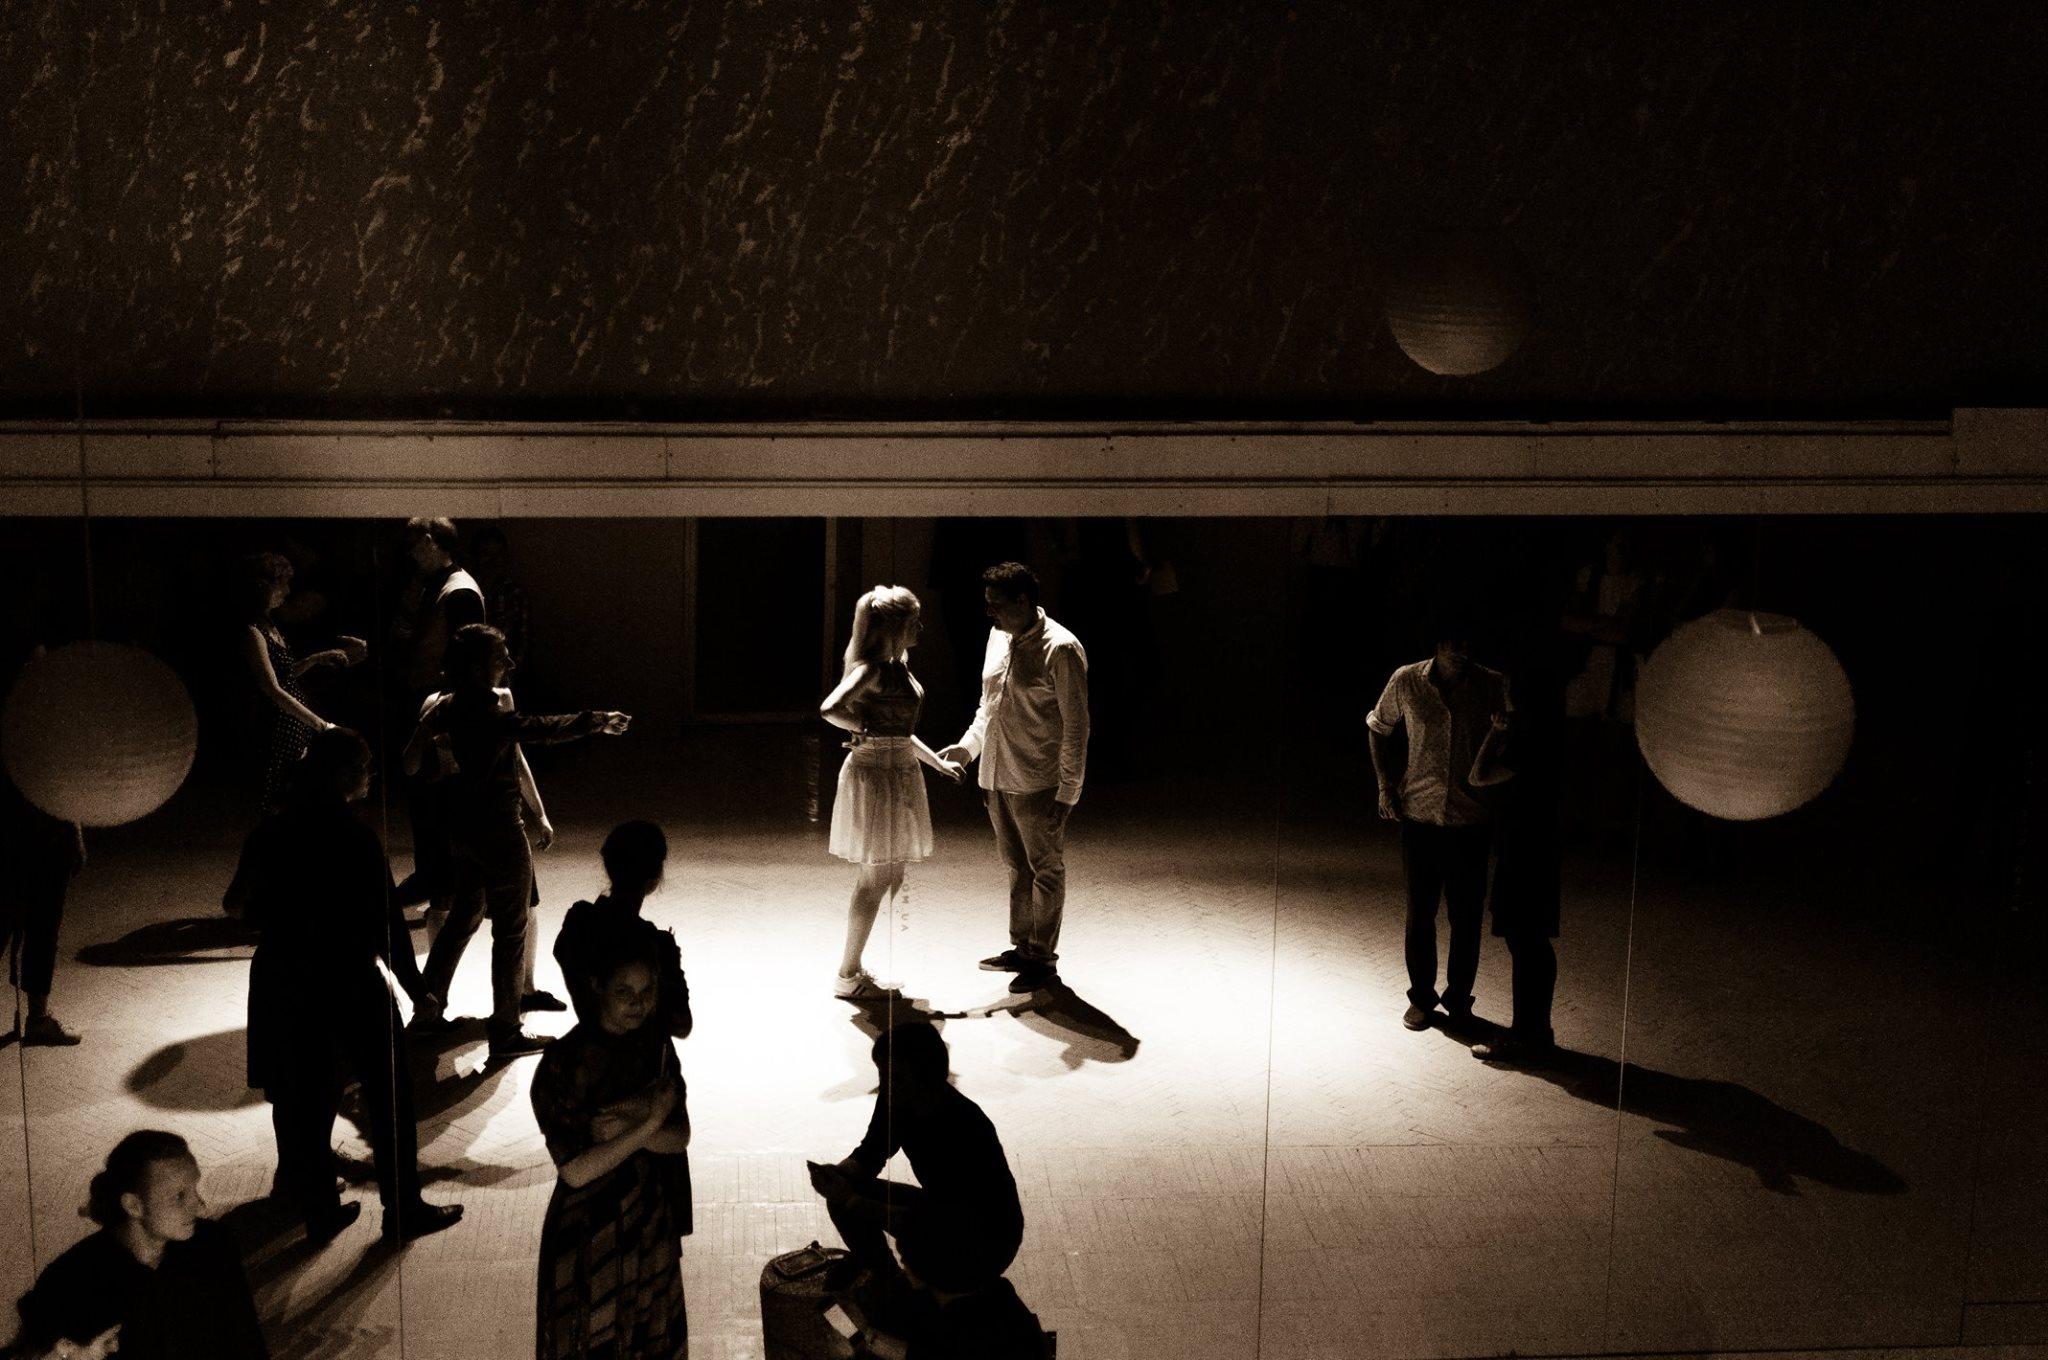 Підтримати Space Swing: танцювальний фестиваль запустив краудфандинг-кампанію